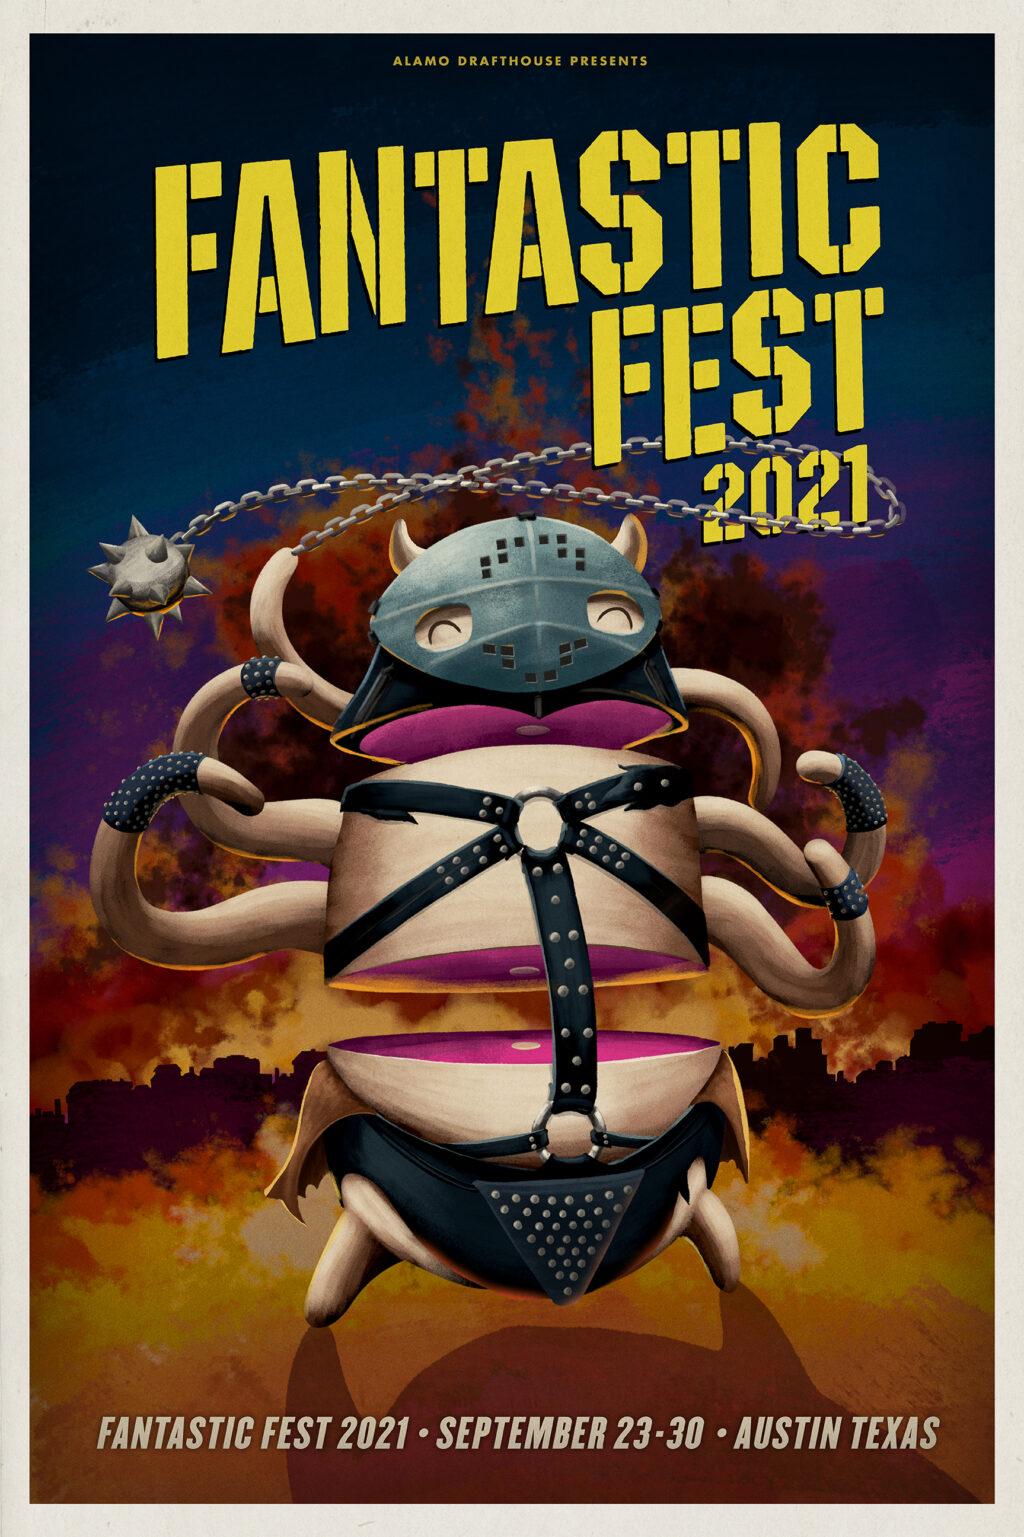 Fantastic Fest 2021 Poster 1024x1537 - Fantastic Fest Now Announces Final Wave of Films, Adds 'The Black Phone' and 'Slumber Party Massacre'